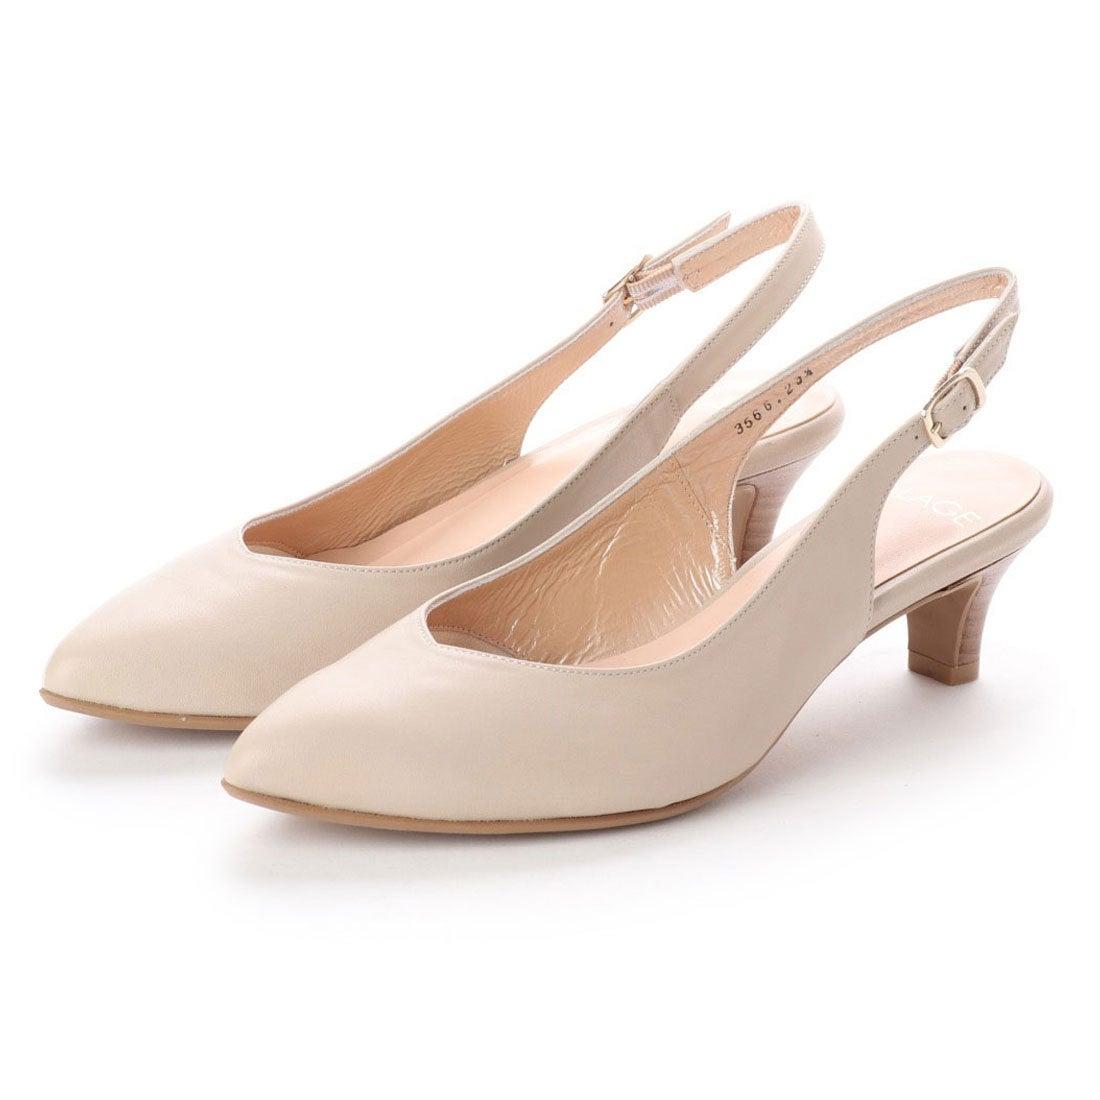 ロコンド 靴とファッションの通販サイトフラッグFLAGサラサラバックストラップパンプス(IV)